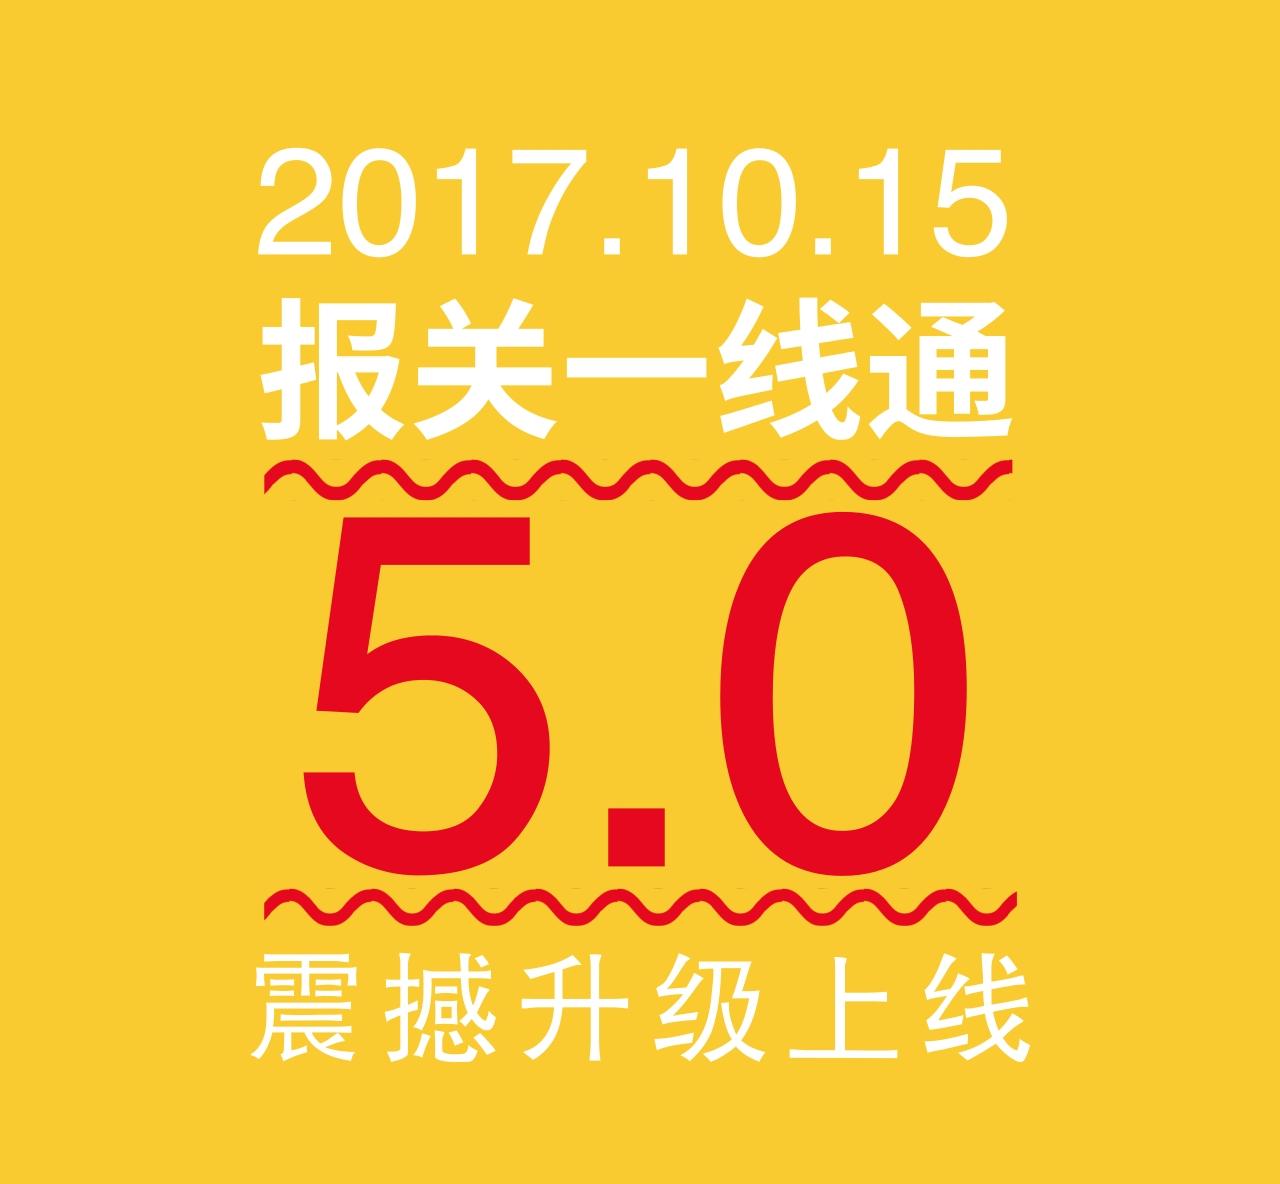 功能介绍封面.jpg